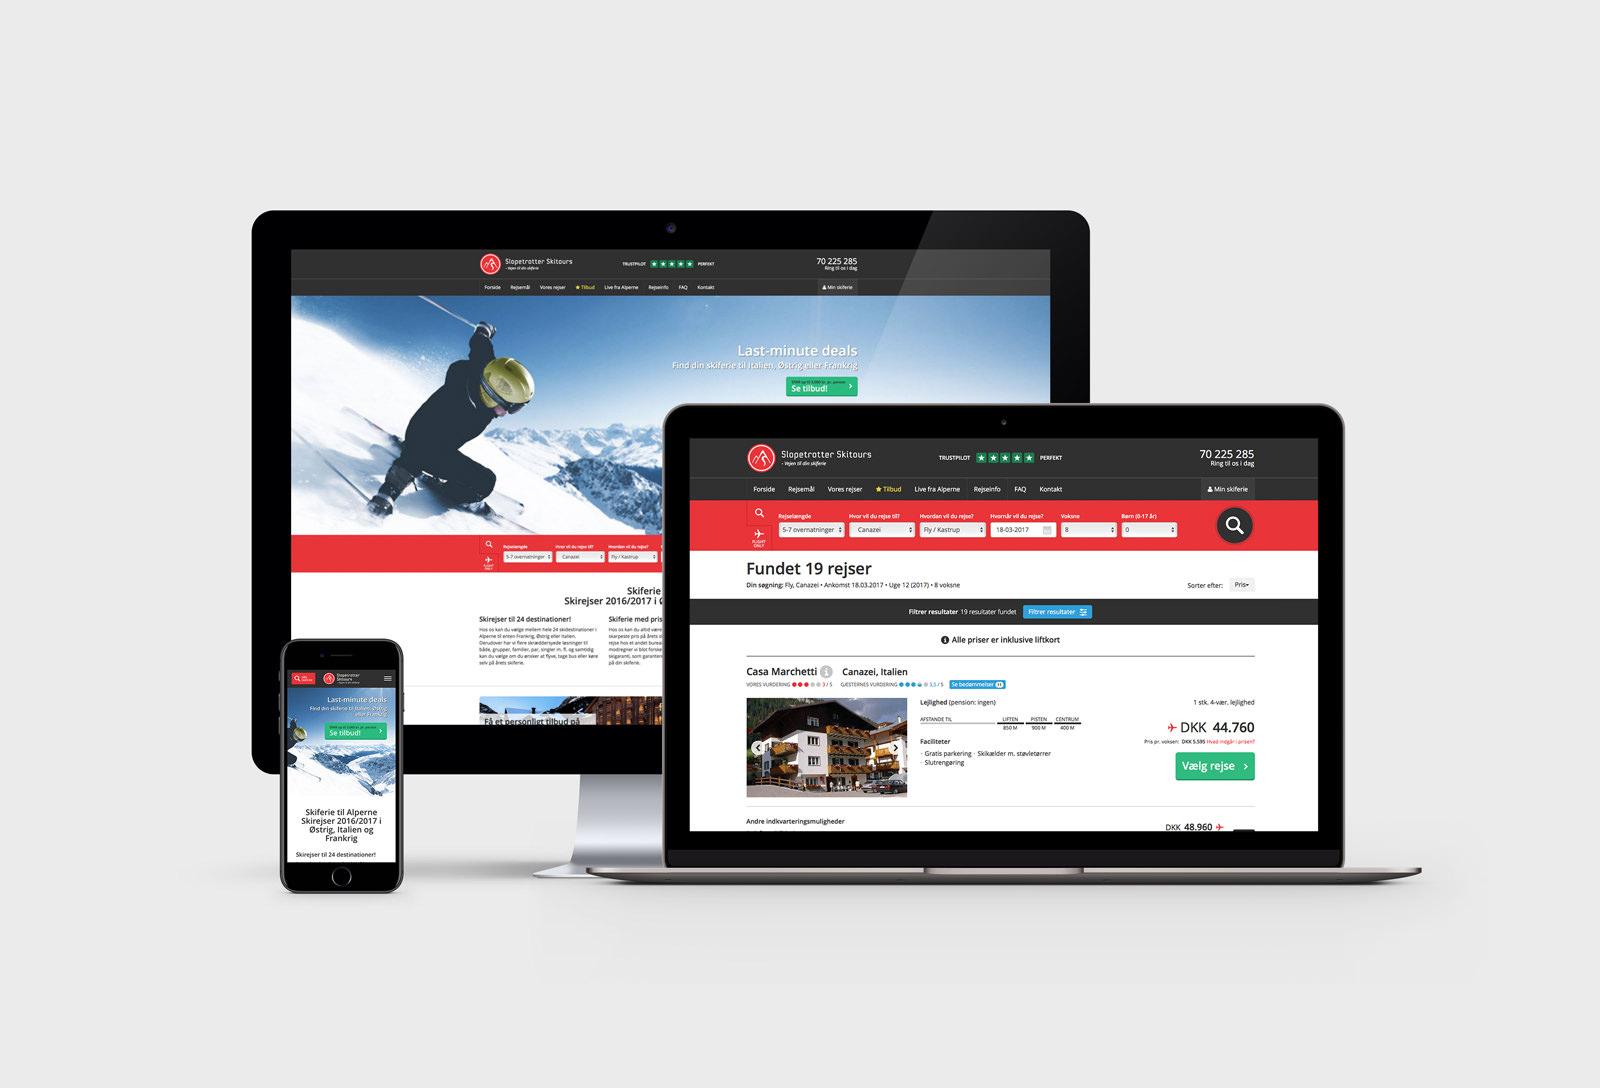 Slopetrotter Skitours - Website